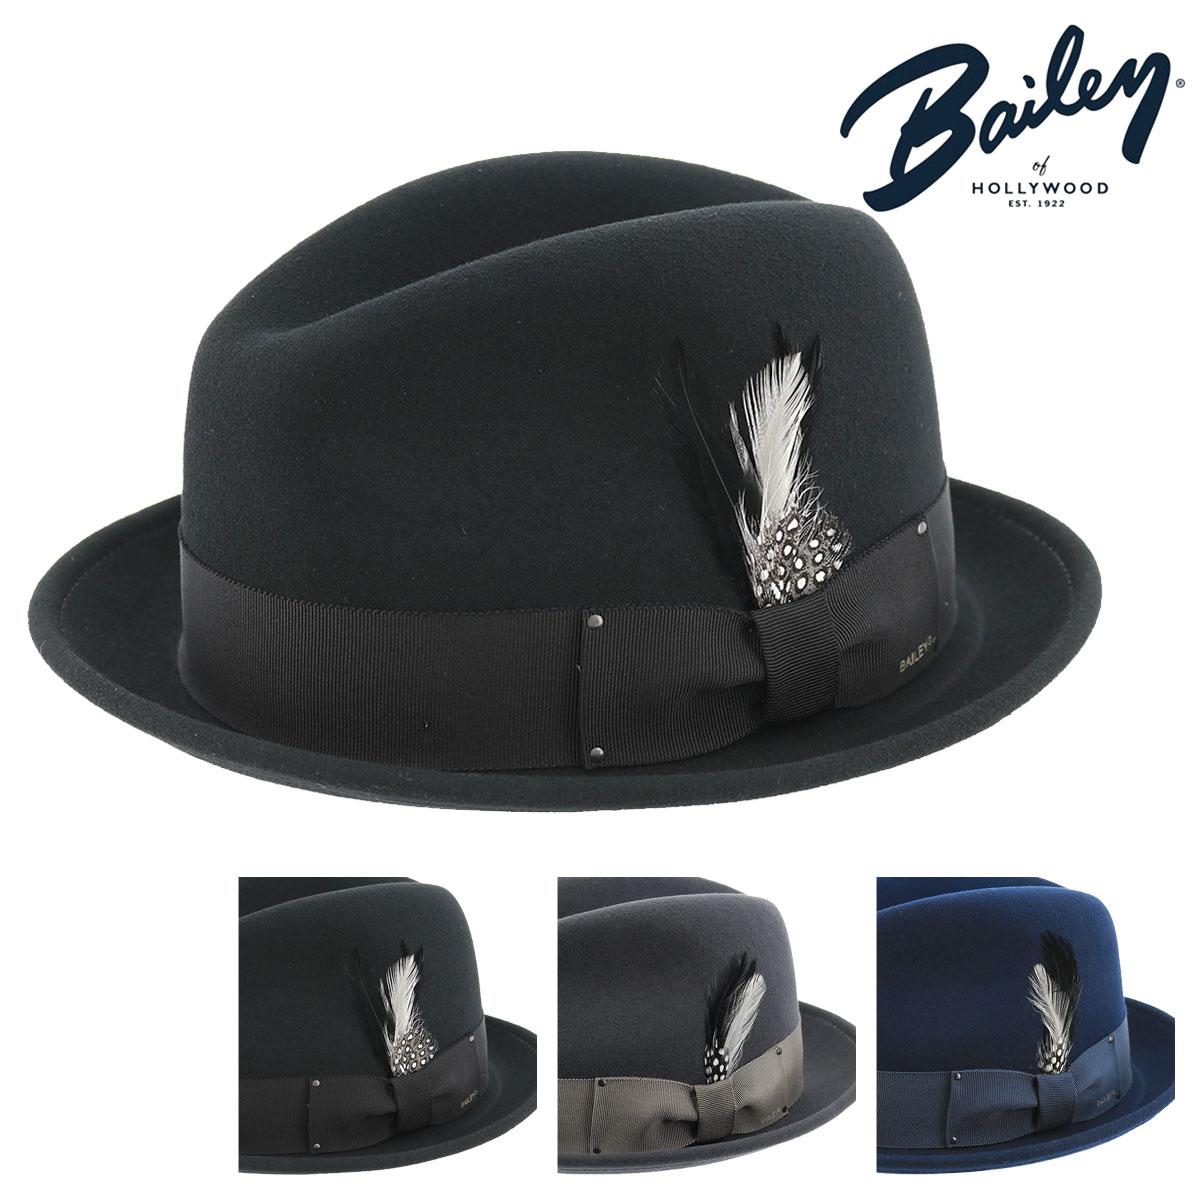 ベイリーハット 中折れハット TINO メンズ レディース 188154214 Bailey Hats 帽子|大きいサイズ [即日発送][bef]